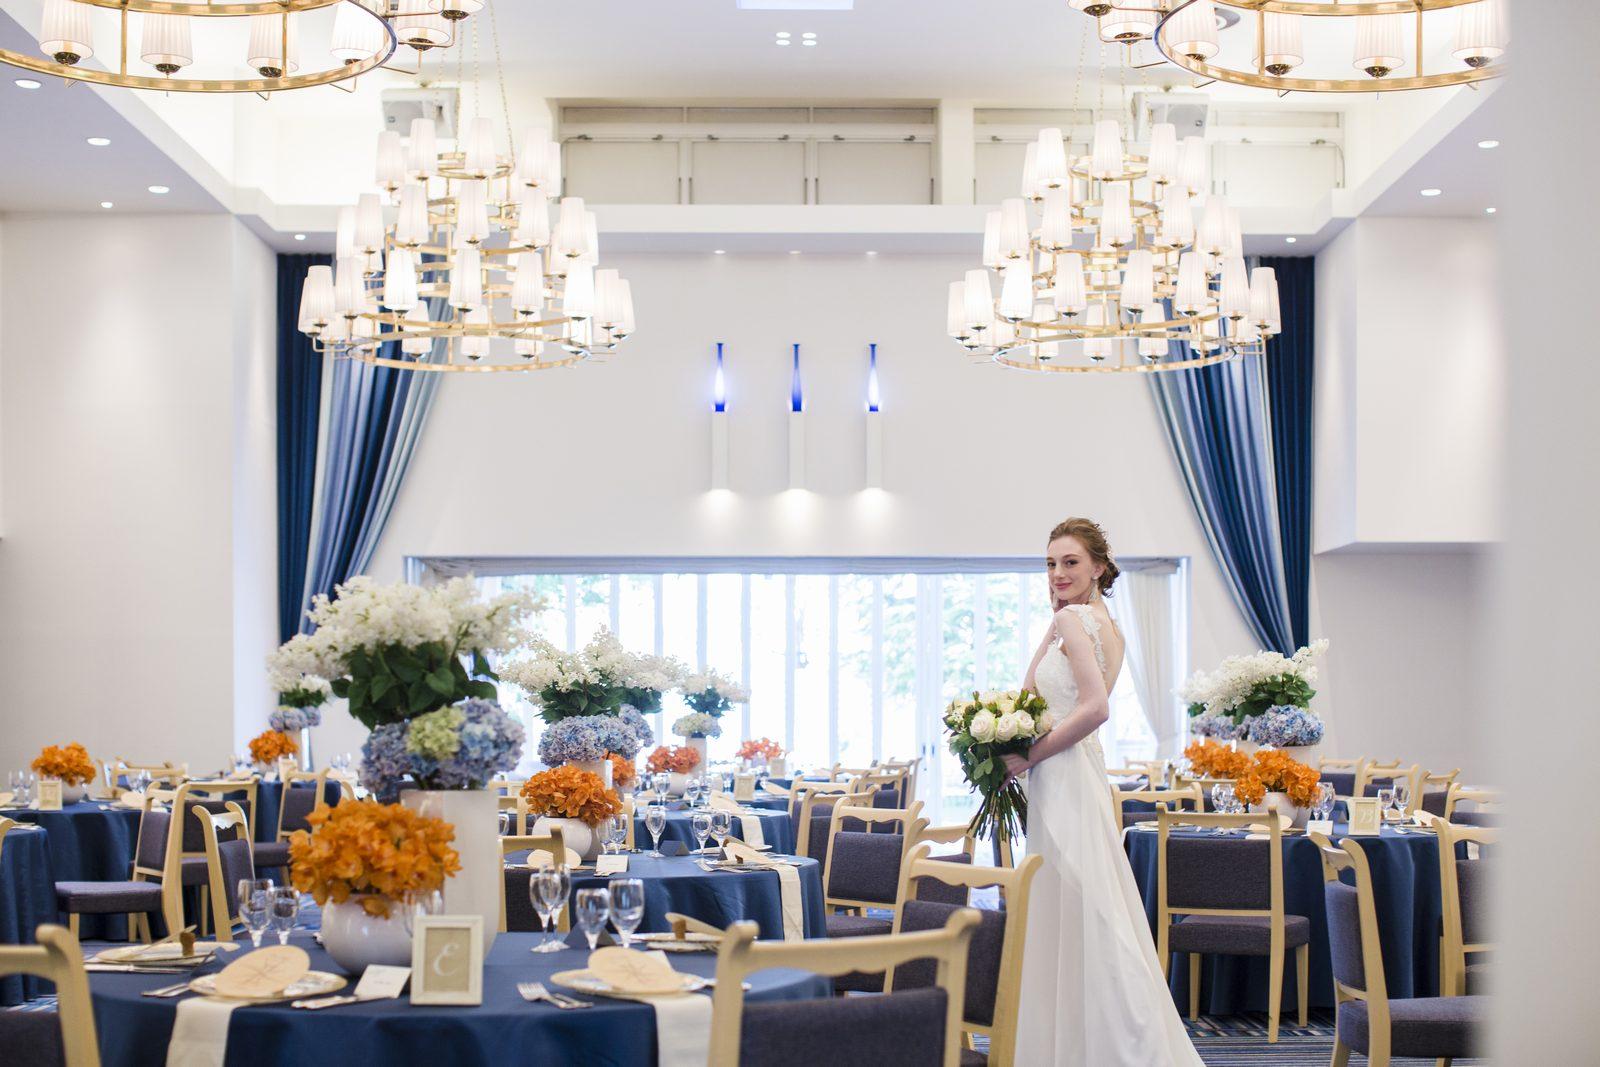 香川県高松市の結婚式場シェルエメール&アイスタイルの会場